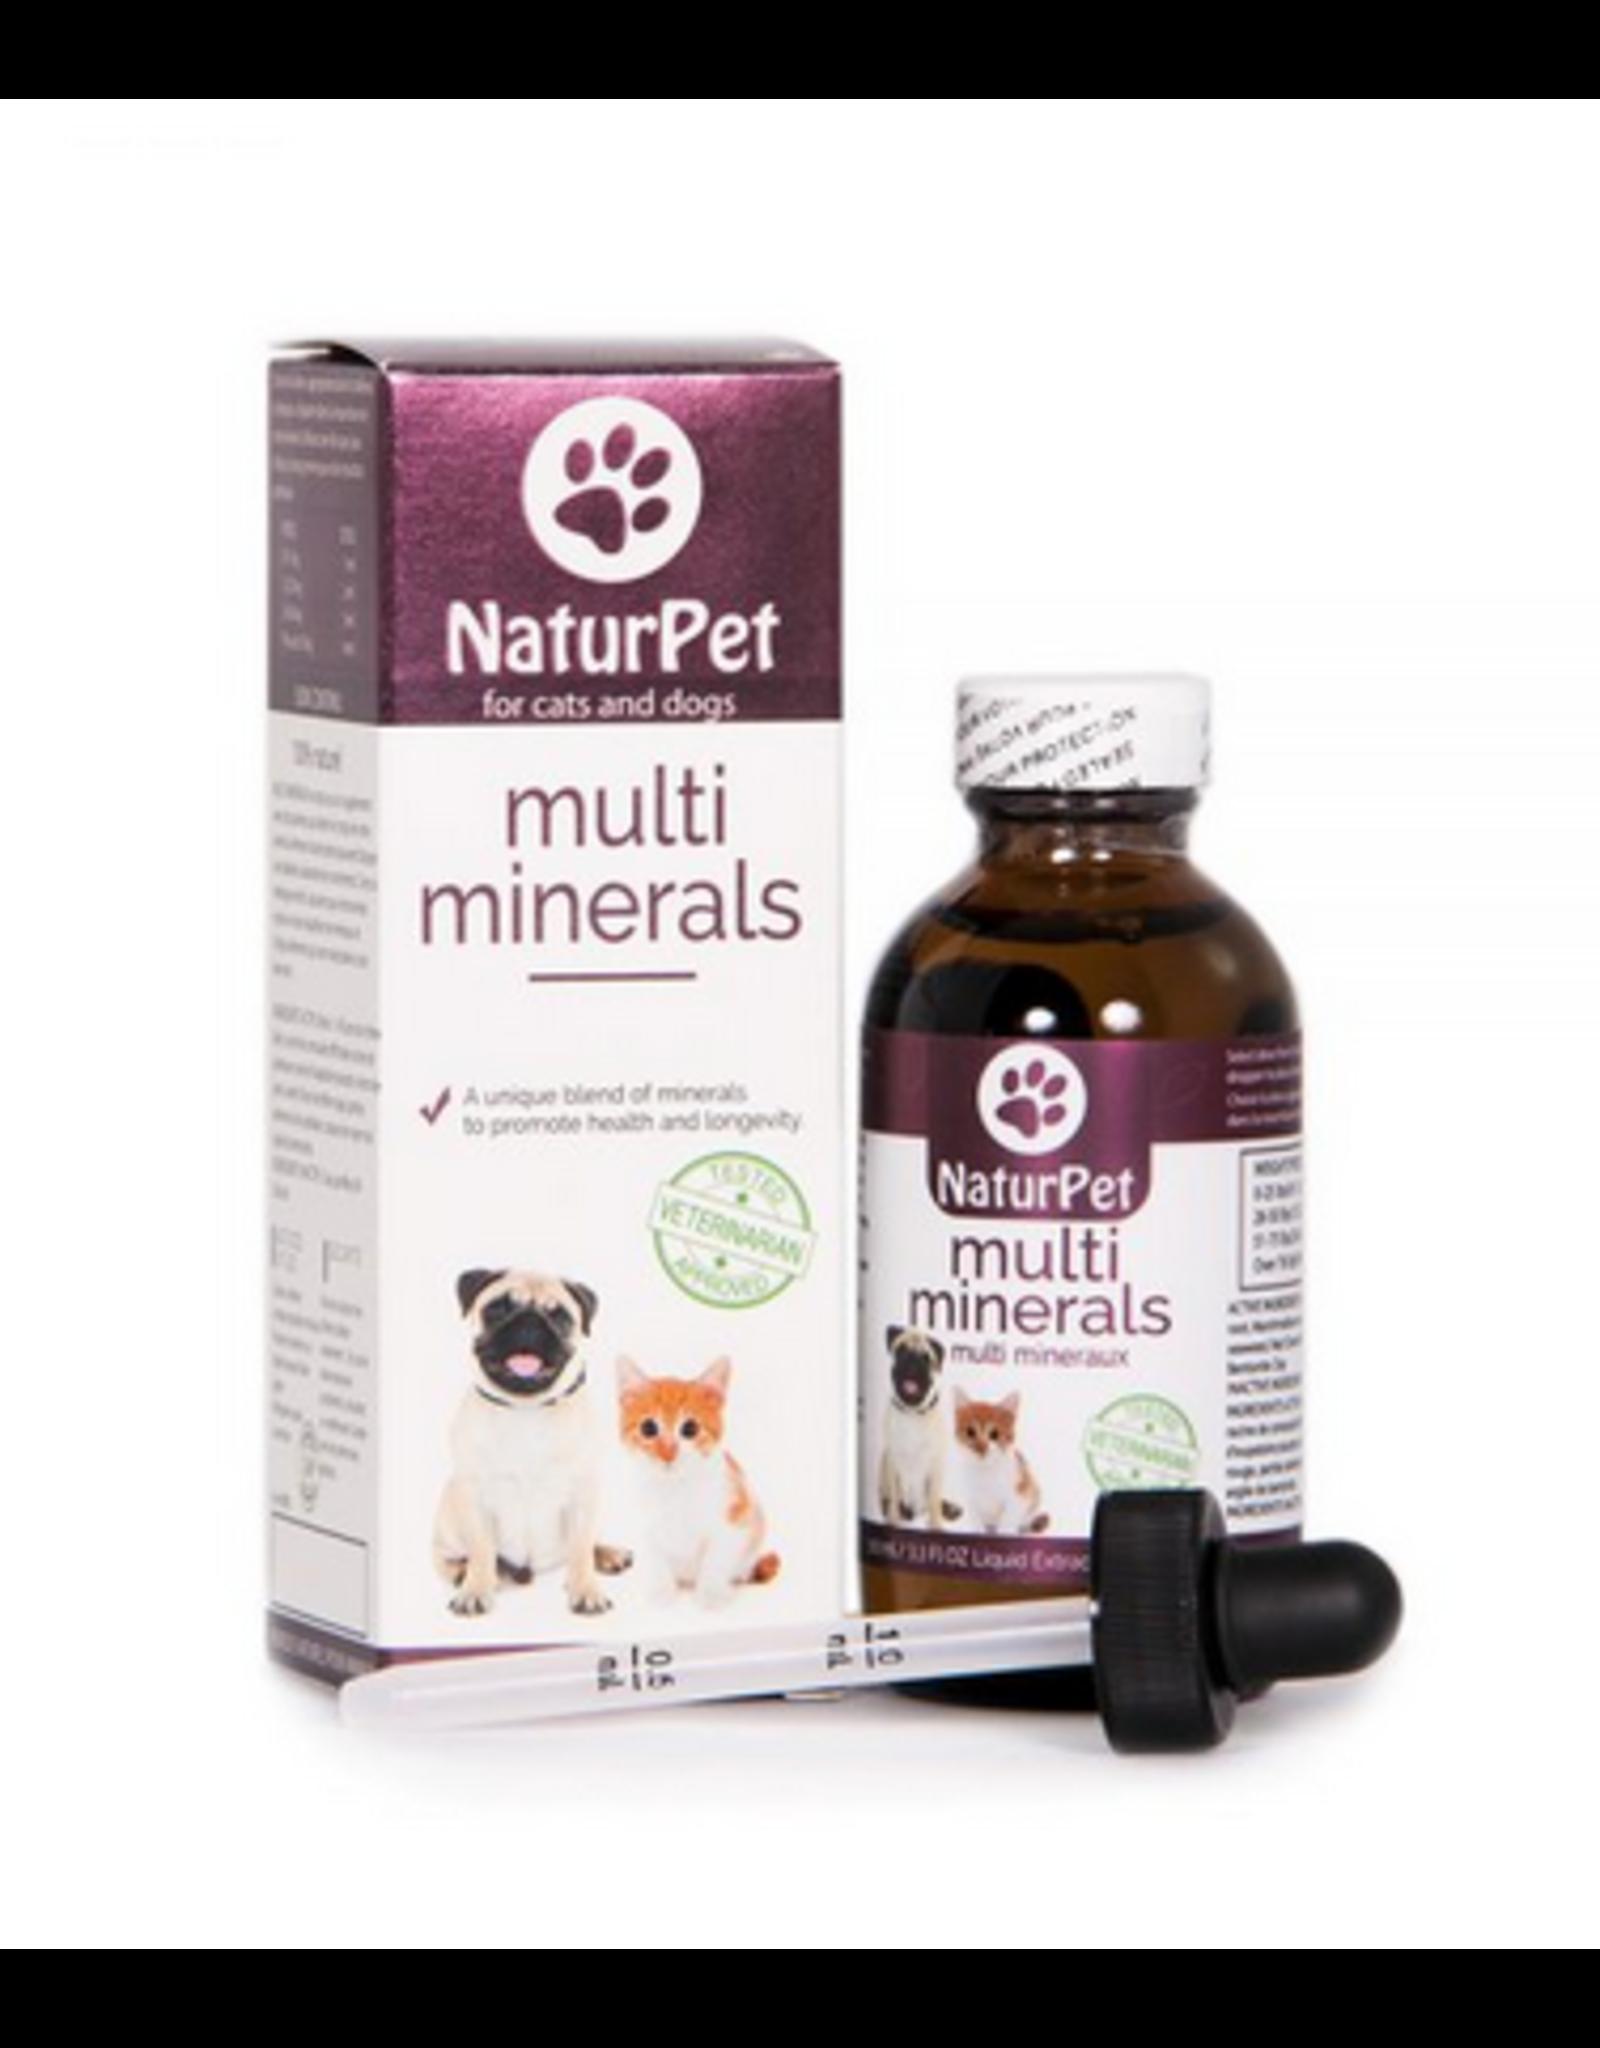 Naturpet Naturpet - Multi Minerals